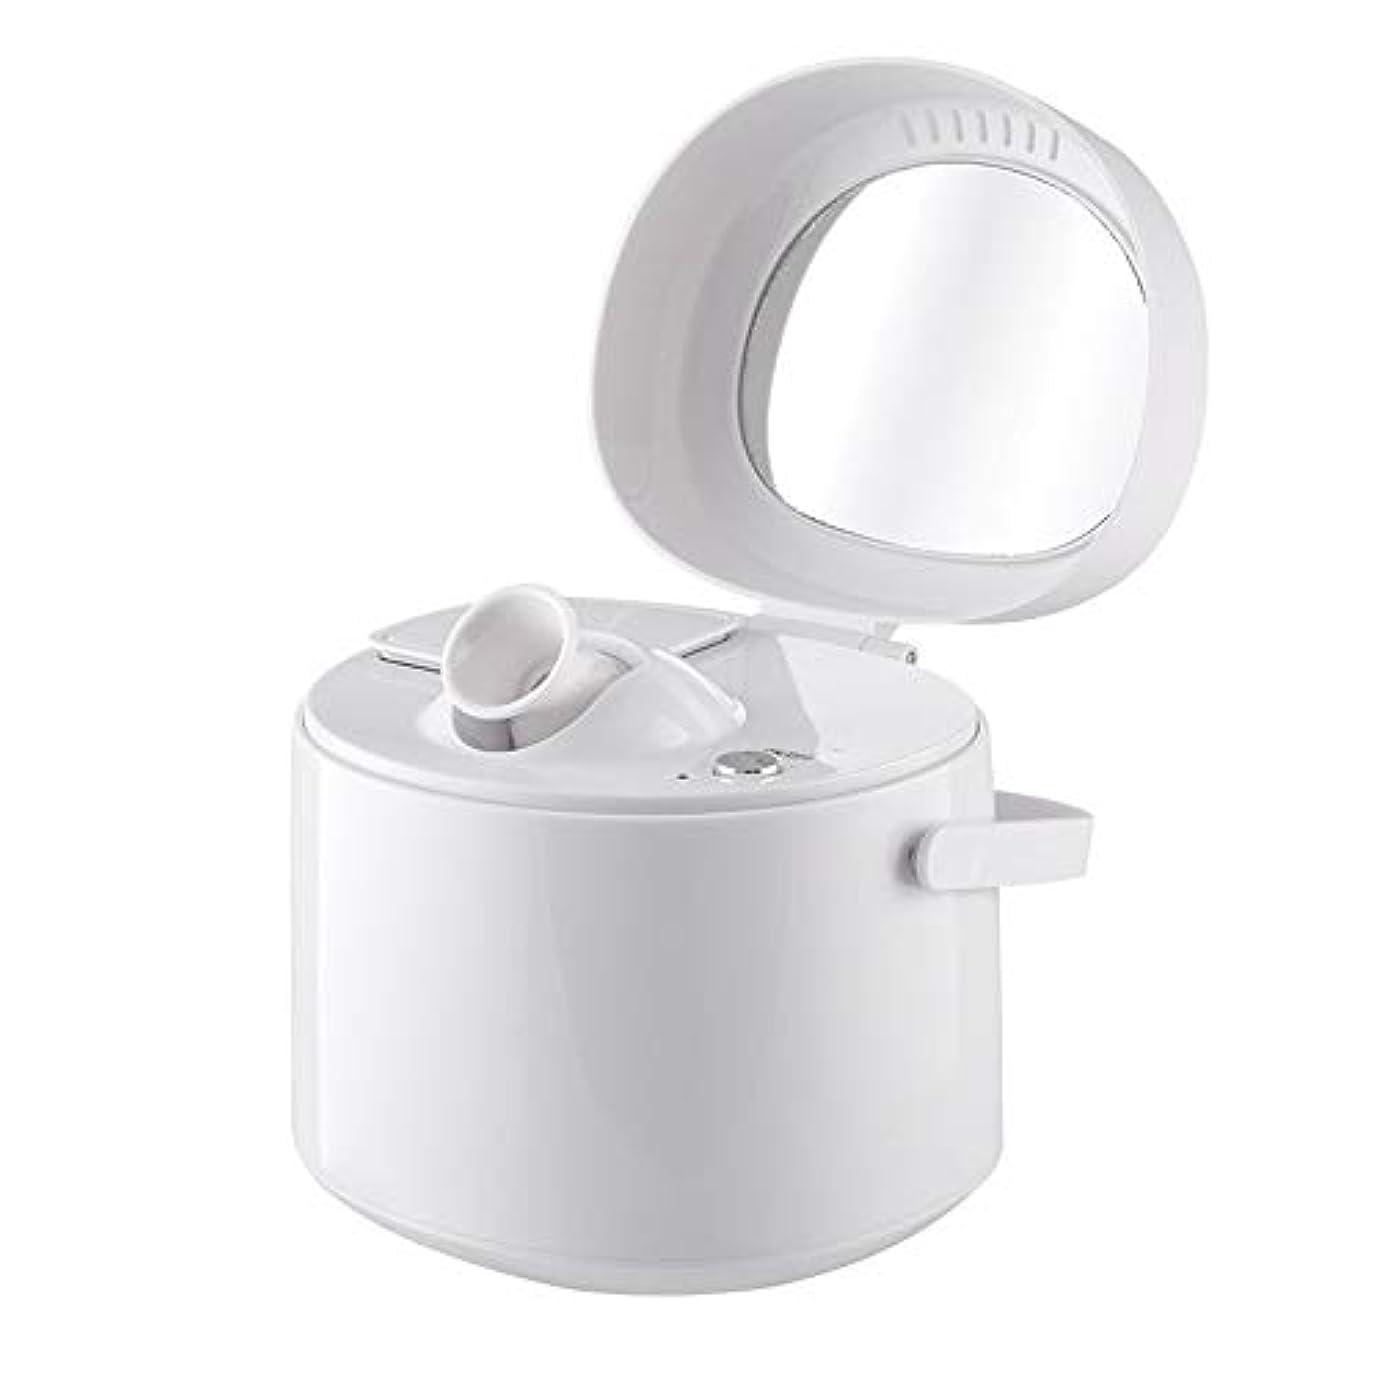 実施する買い手進化ZXF ホットスプレースチームフェイス美容器具ホームナノイオン保湿スプレー美容器具美容ミラーホワイト 滑らかである